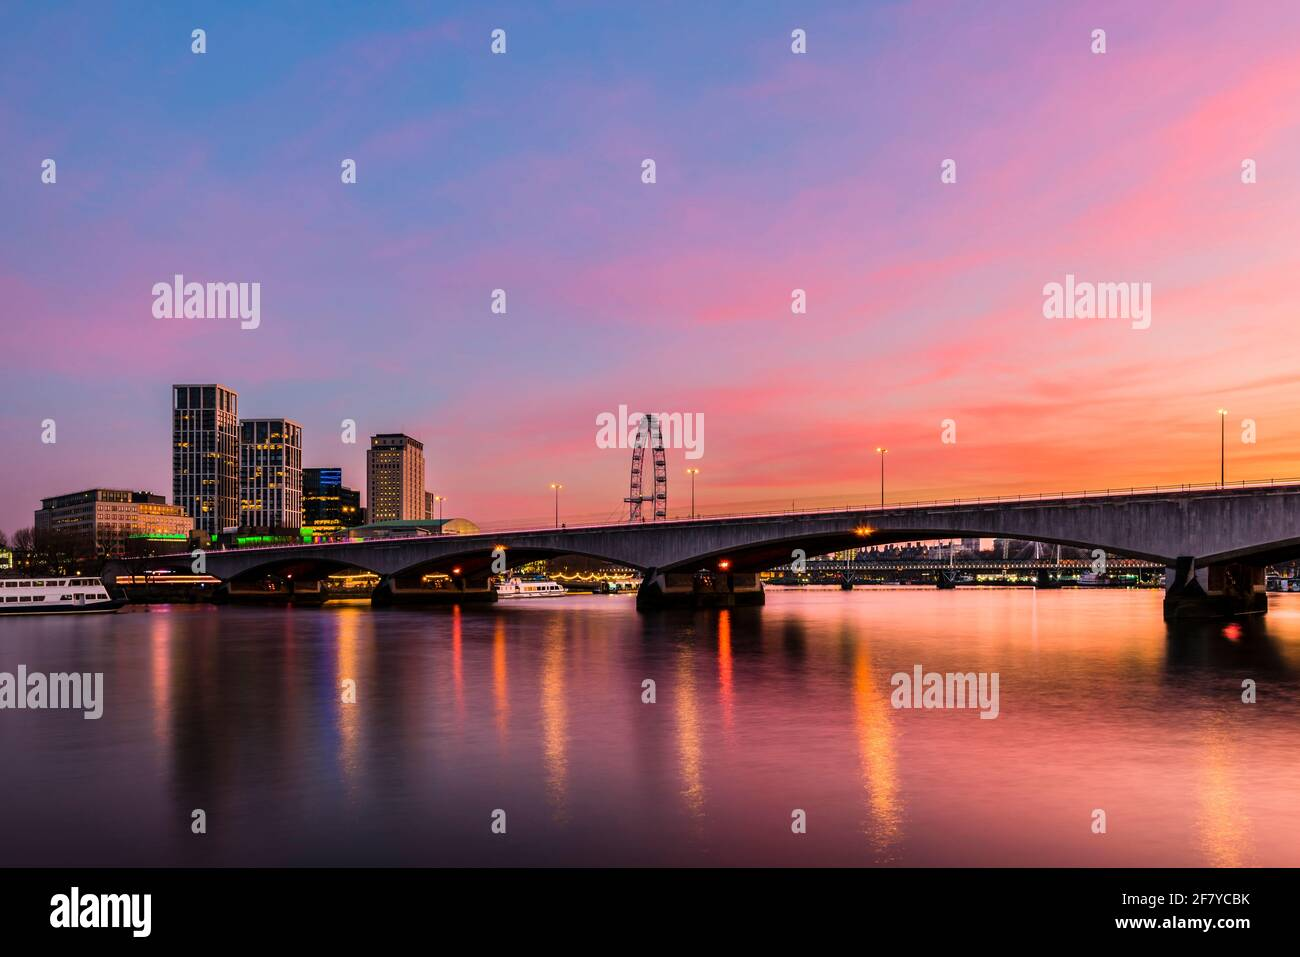 Cielos naranjas al atardecer sobre el puente Waterloo en el río Támesis, Londres, Reino Unido Foto de stock